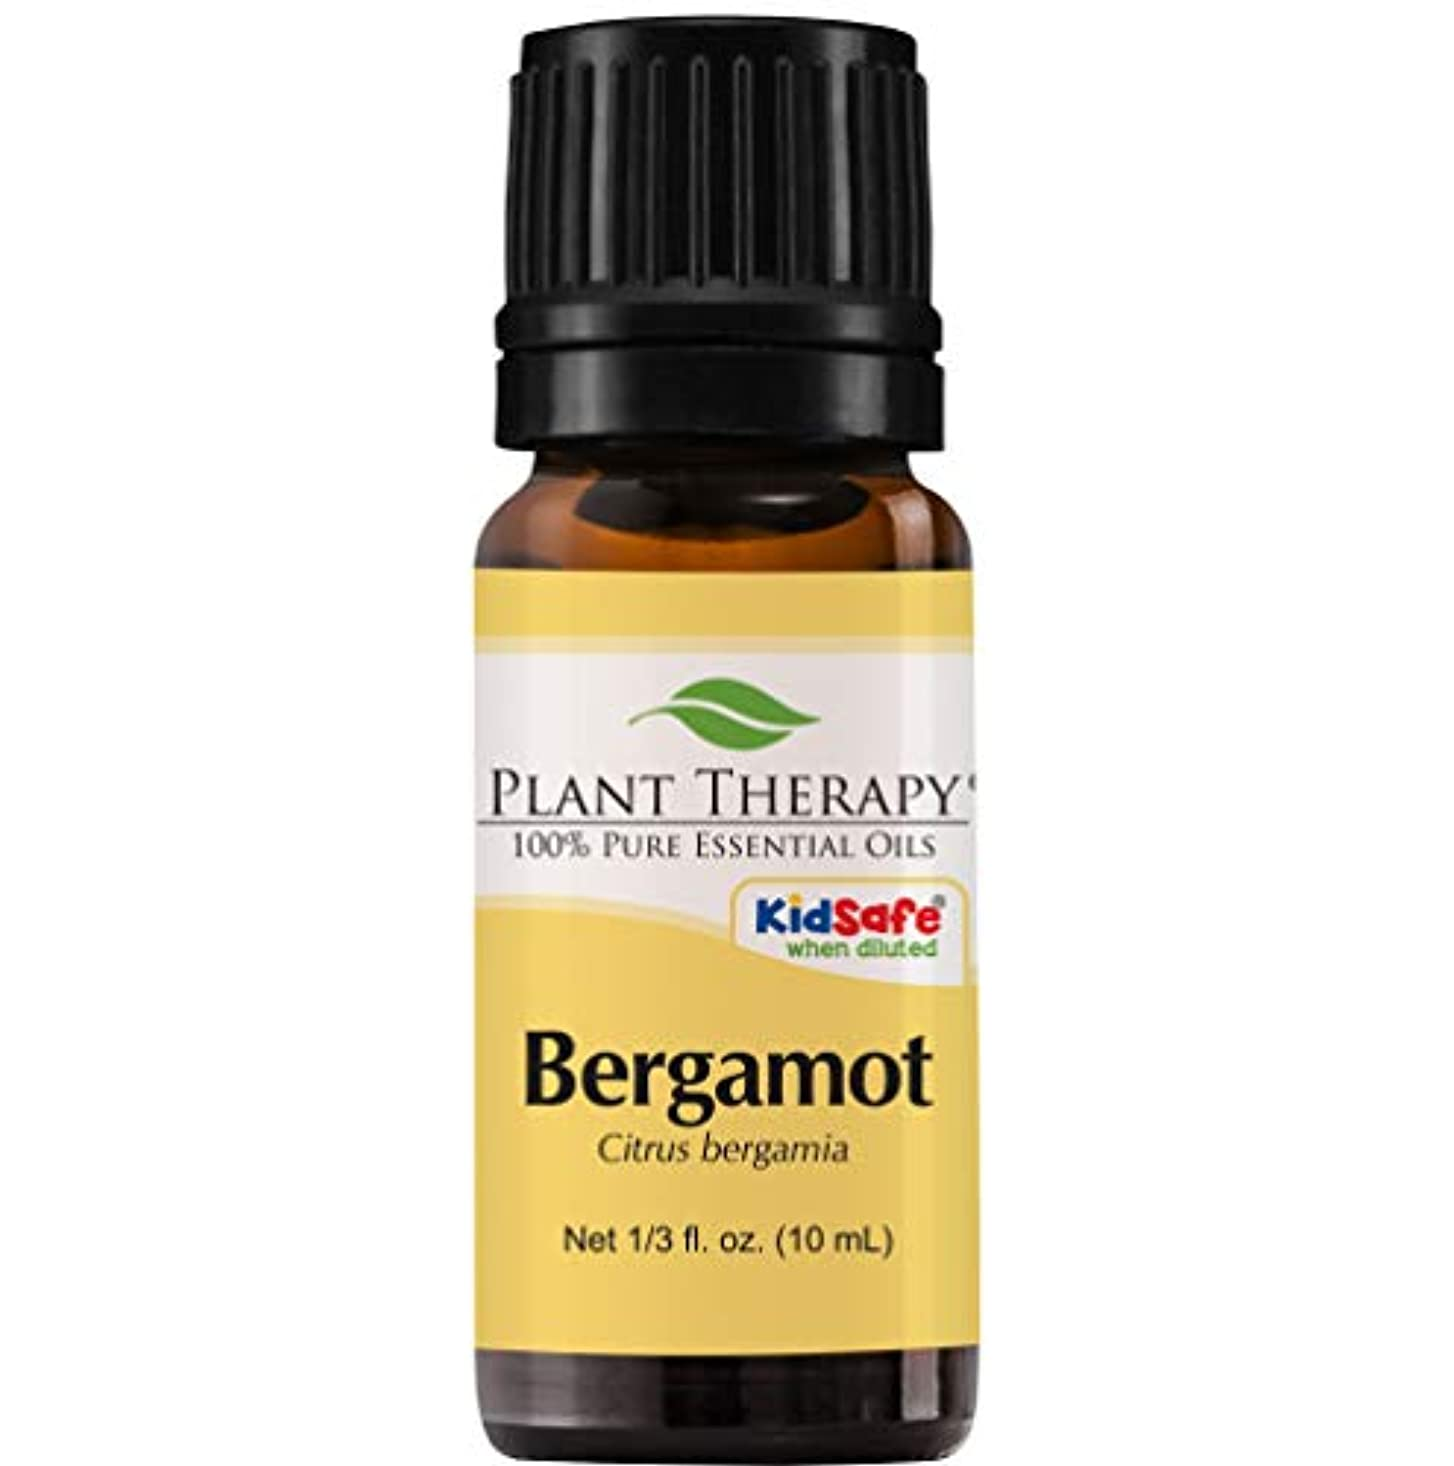 心理学豊富現実Plant Therapy Essential Oils (プラントセラピー エッセンシャルオイル) ベルガモット エッセンシャルオイル